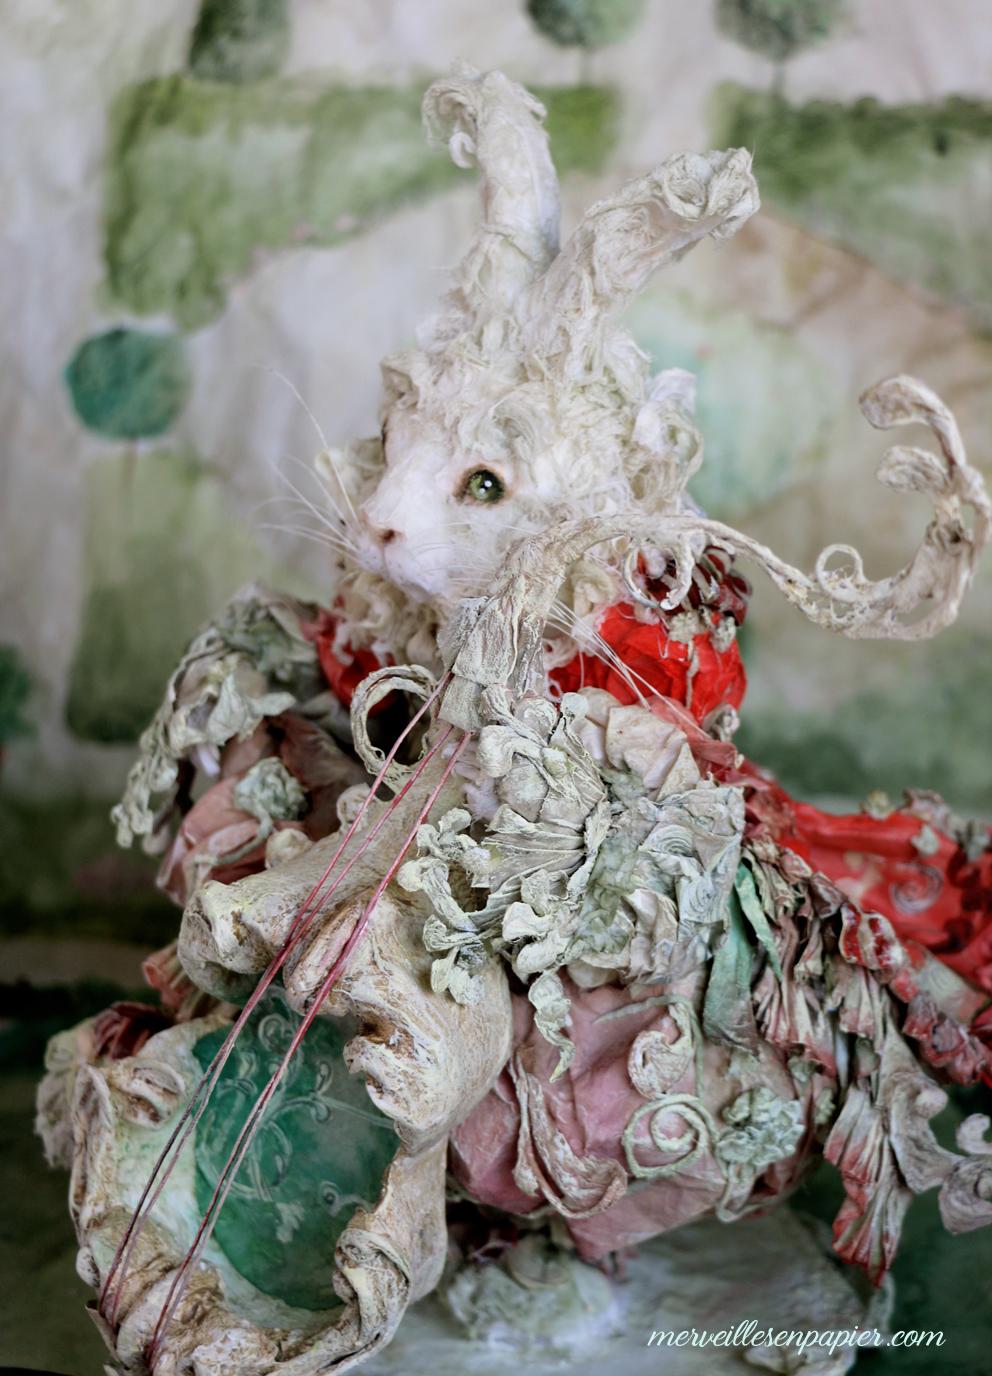 white-rabbit-musician--11.jpg